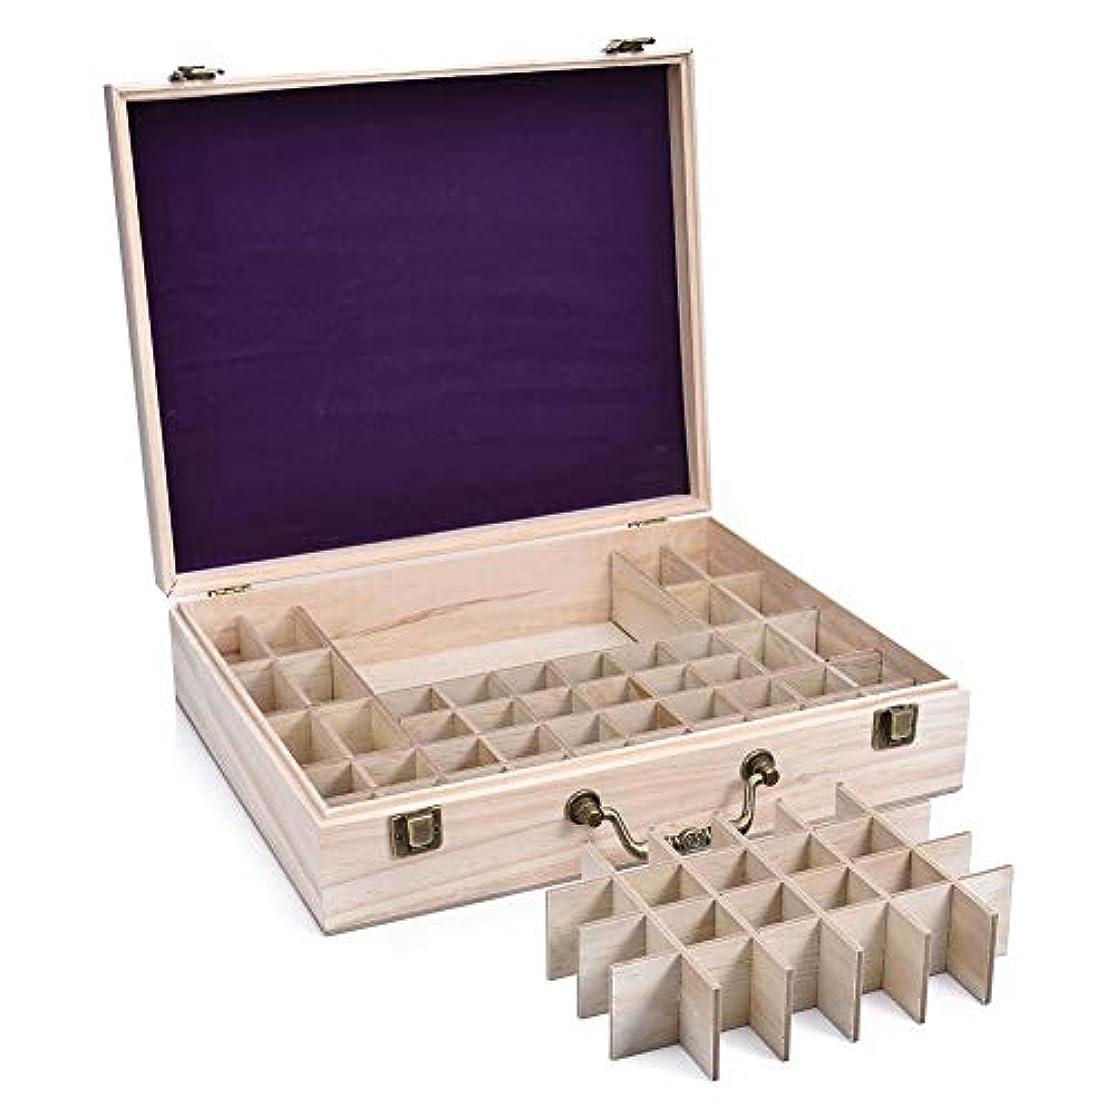 肉の以降本体エッセンシャルオイル収納ケース 精油収納ボックス 大容量 68本収納可能 取り外し可能 木製 環境に優しい 5ml?10ml?15ml?115mlの精油ボルトに対応 junexi